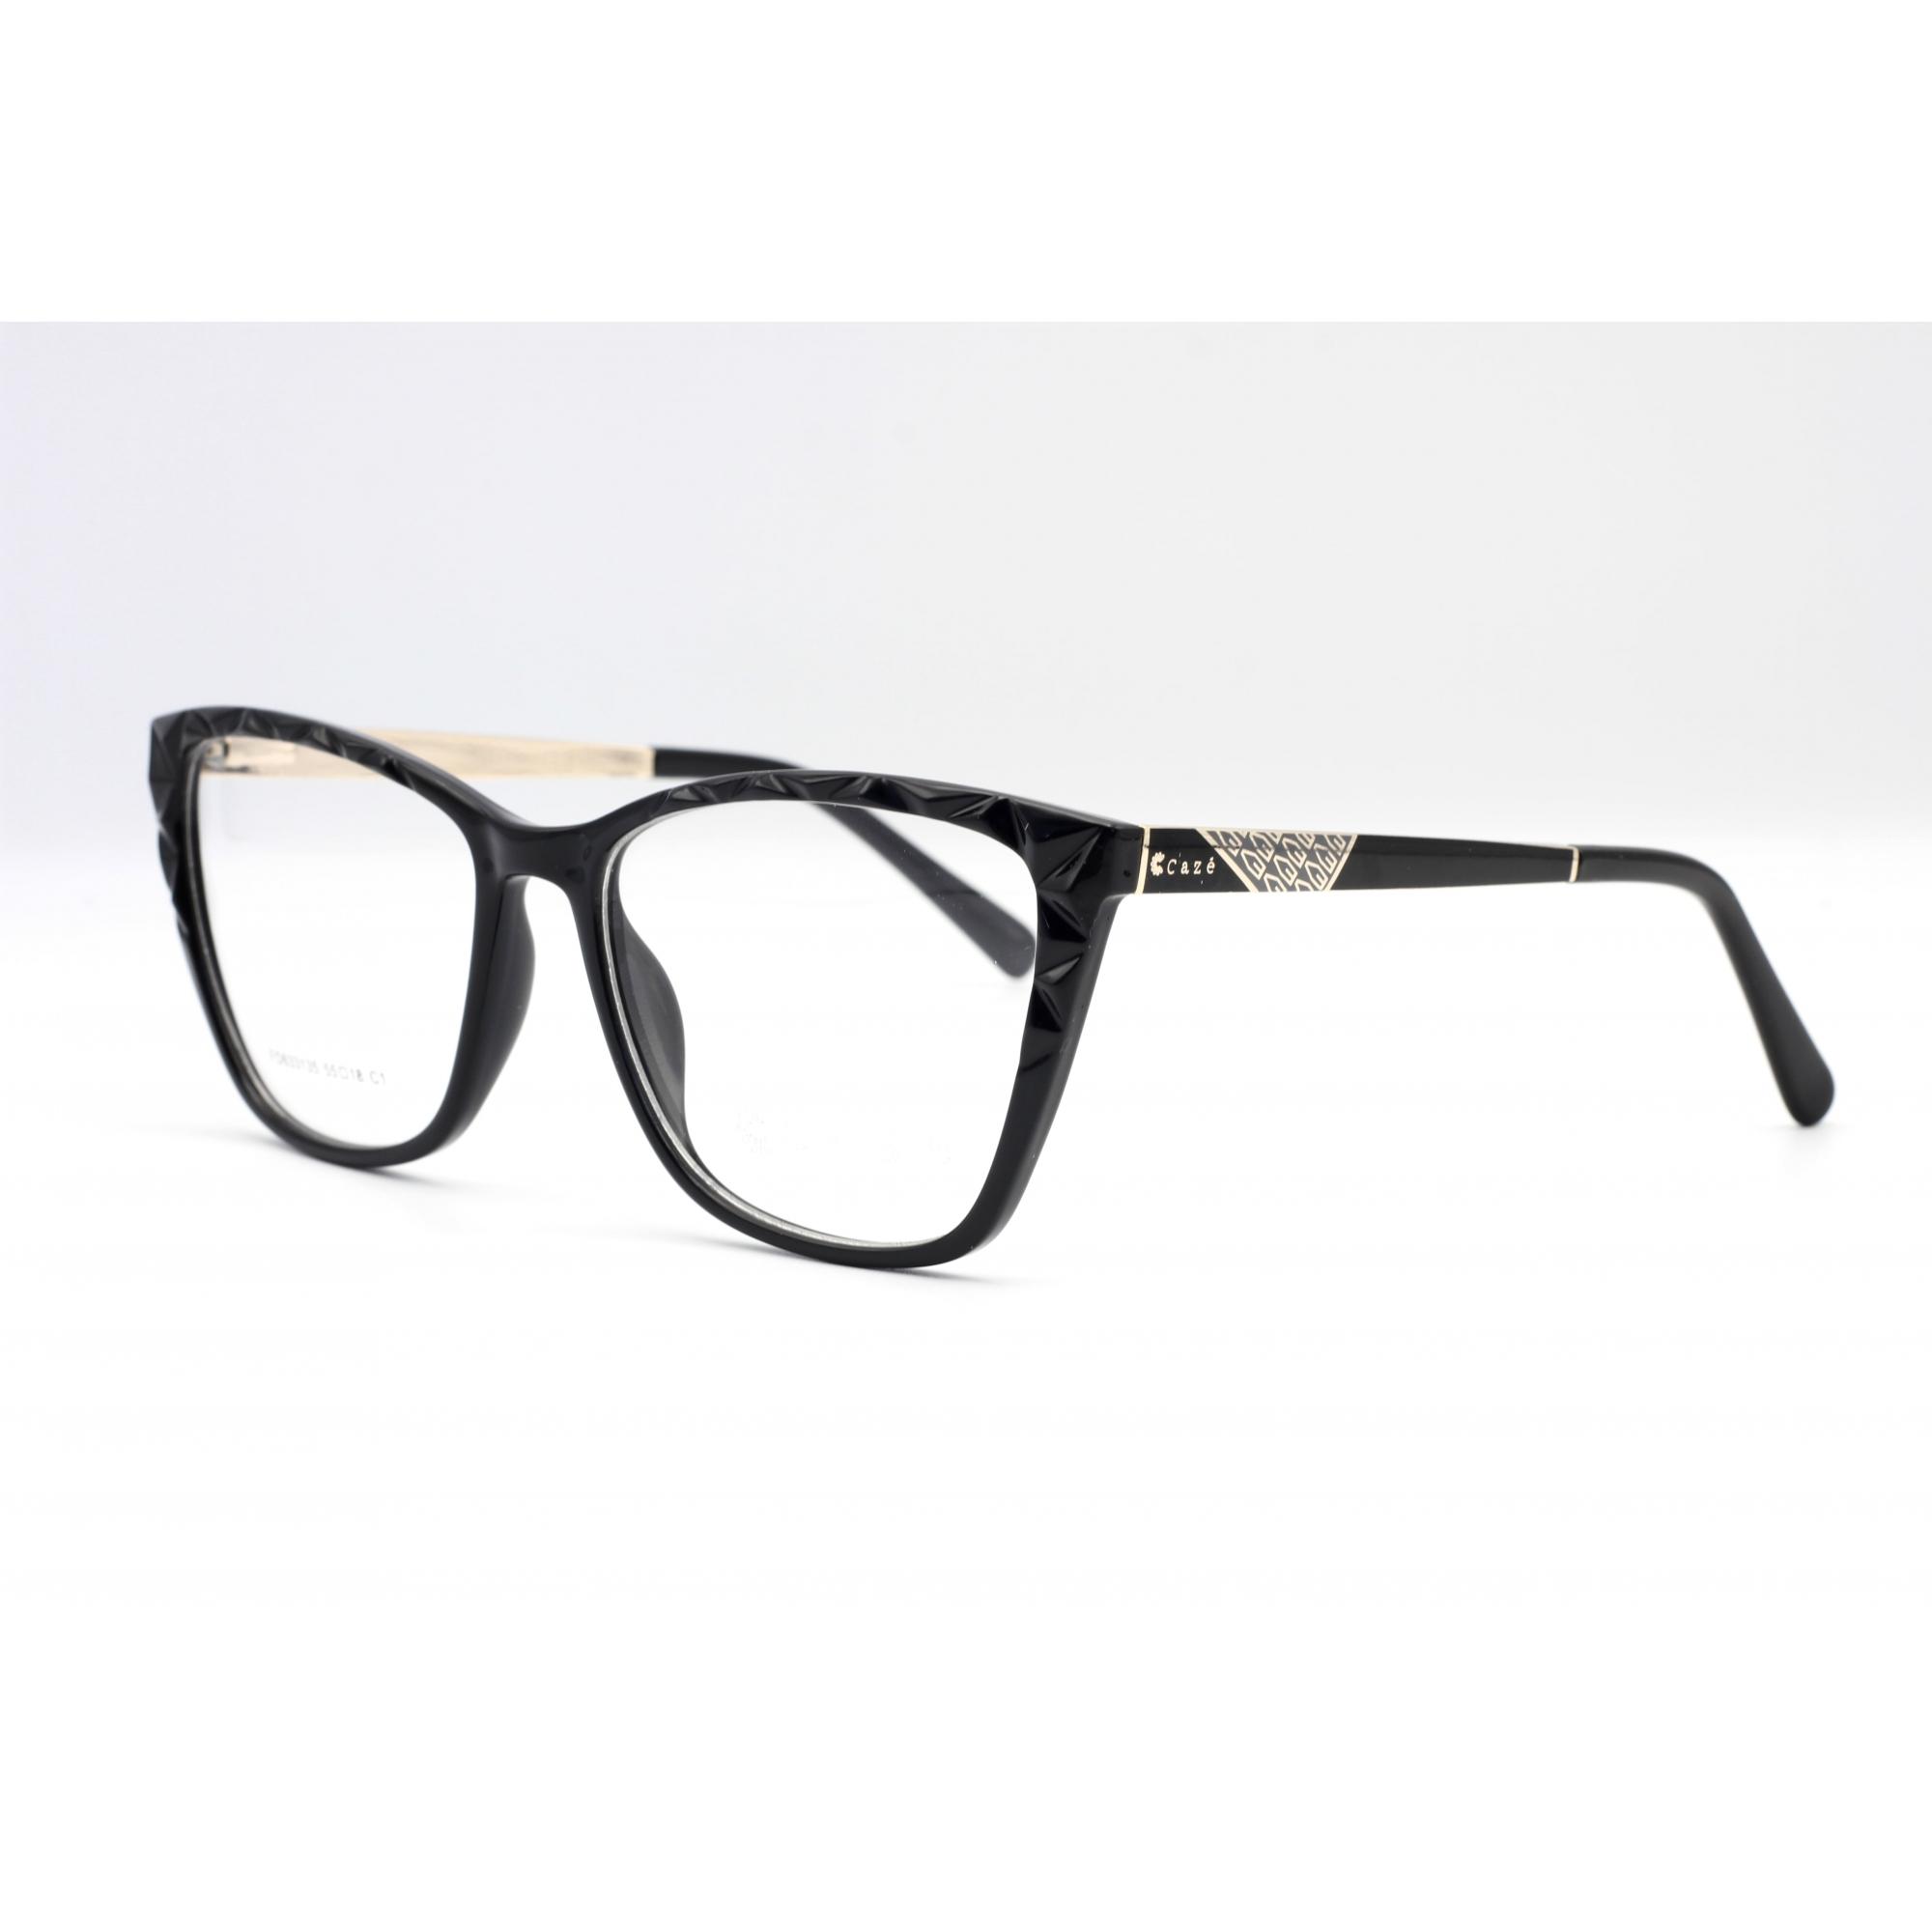 Armação com óculos sem grau, CAZÉ Feminina  em cor Preto     Ref  FD633135 C1 55